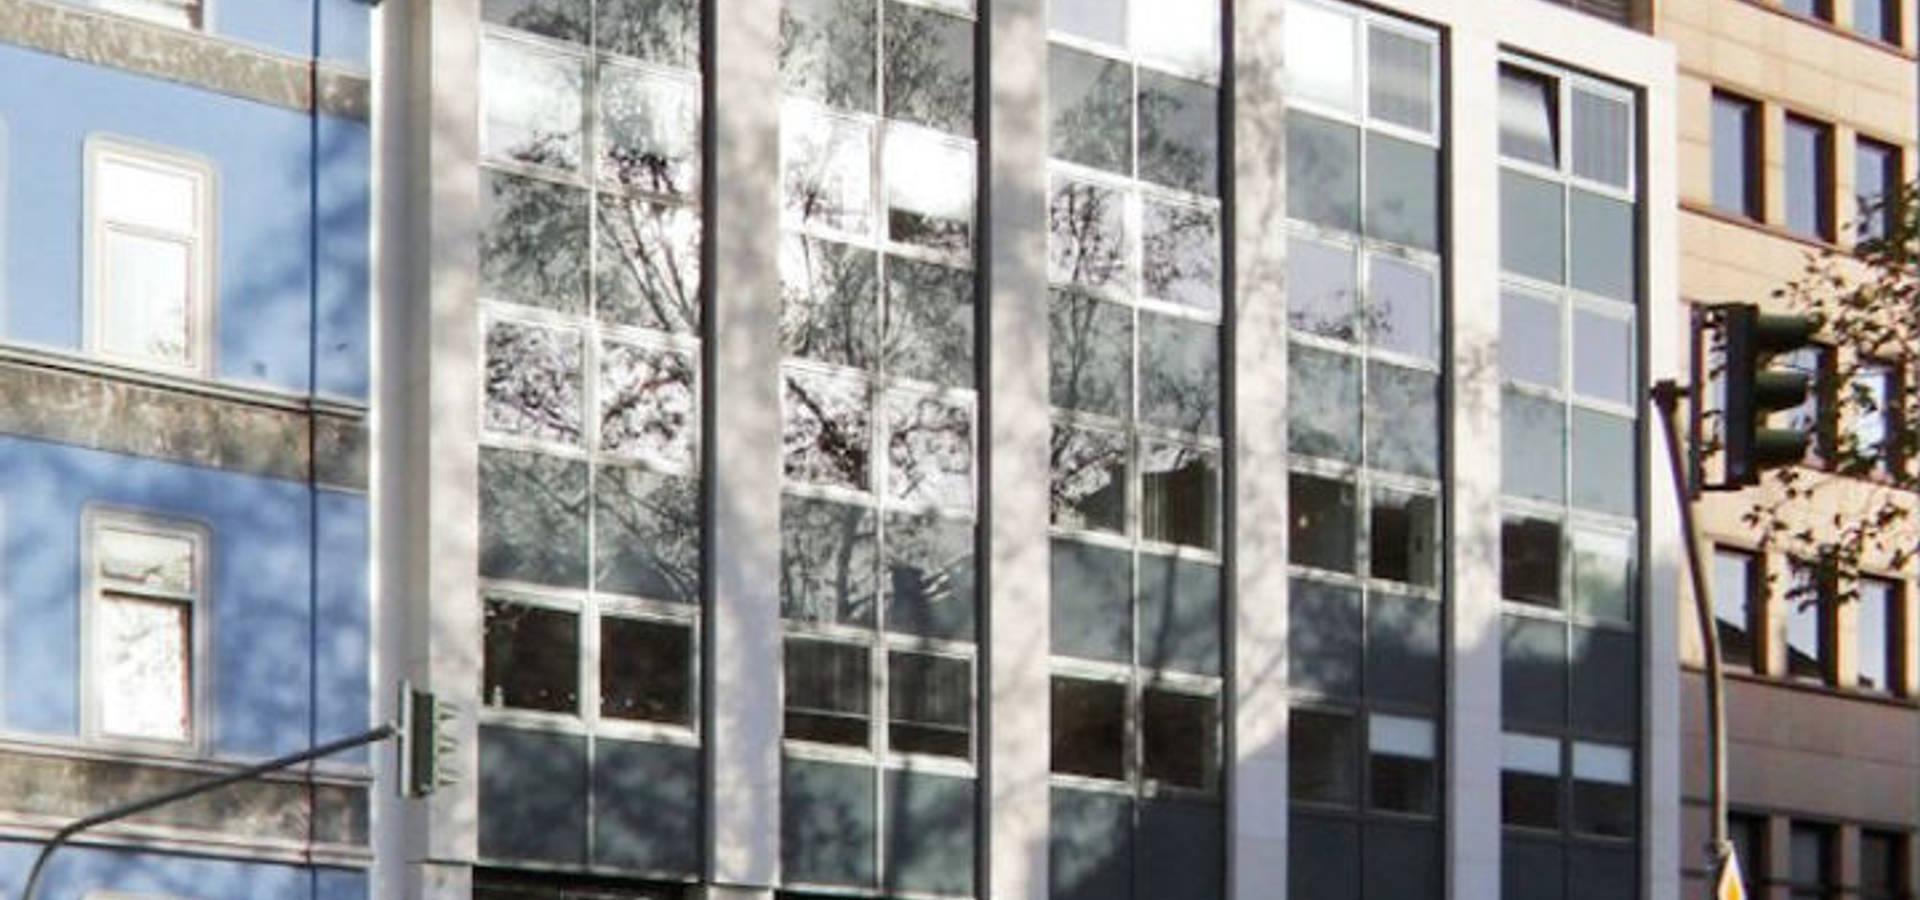 unlimited architekten  |  neumann + rodriguez